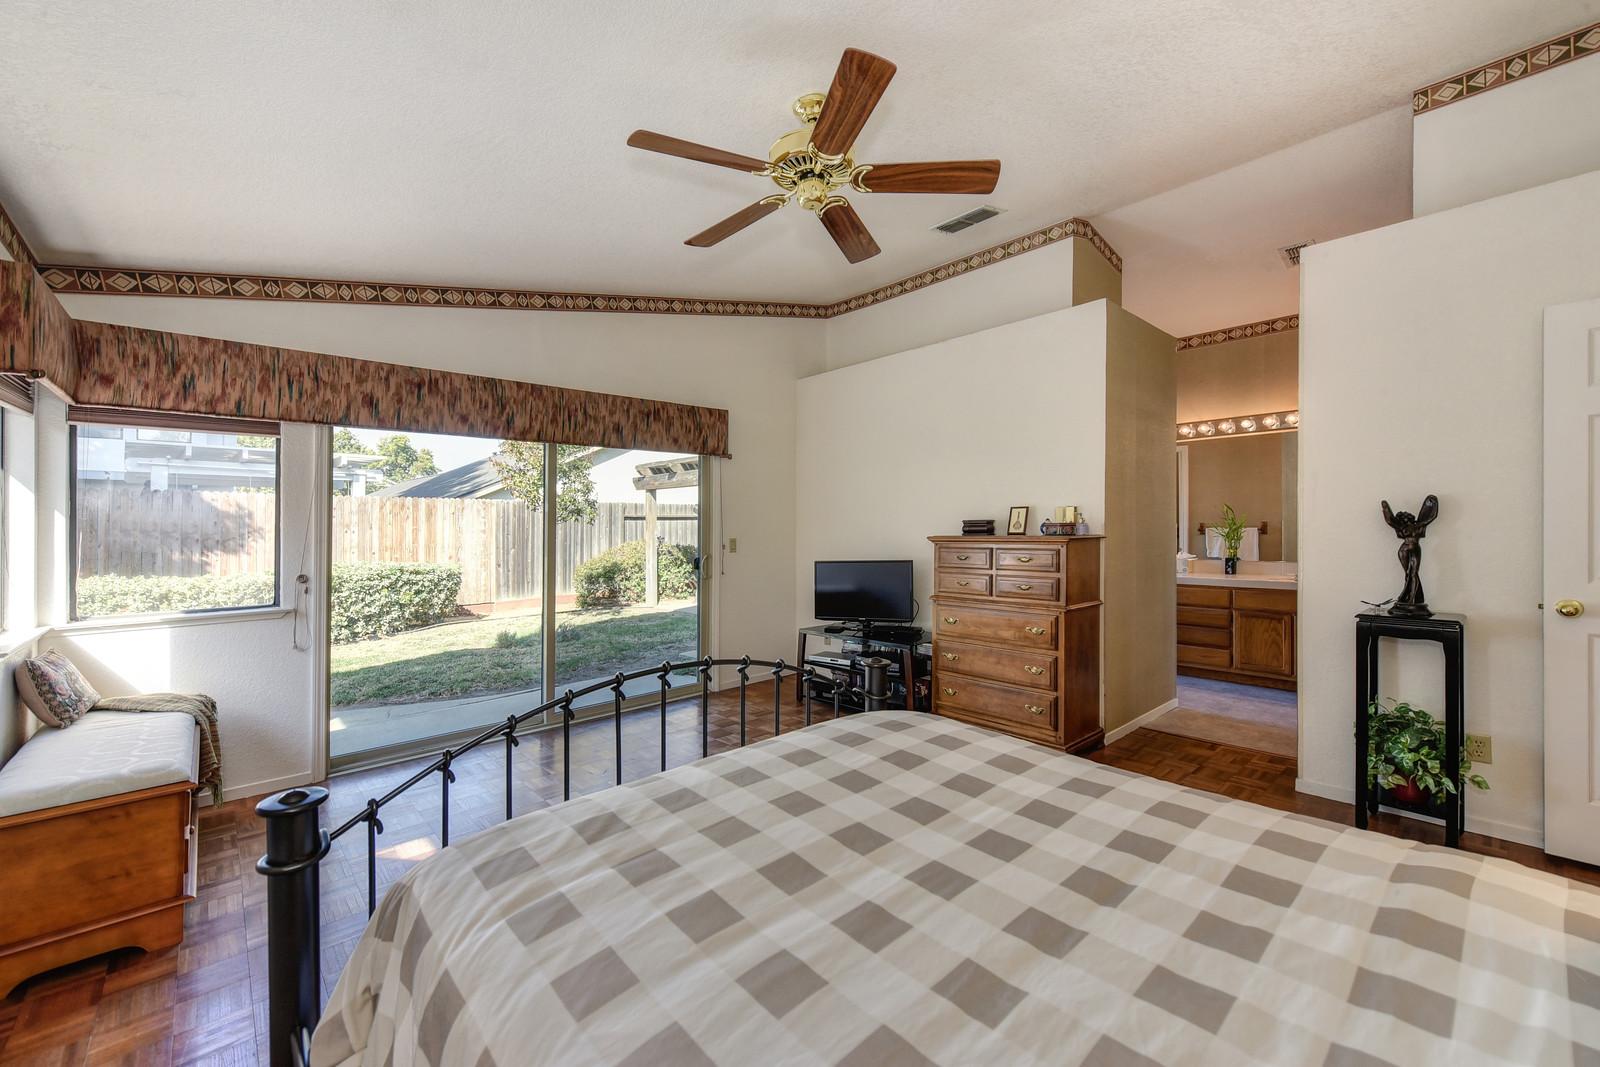 Realtor in Elk Grove California | Master bedroom 9158 Old Creek Rd Elk Grove California